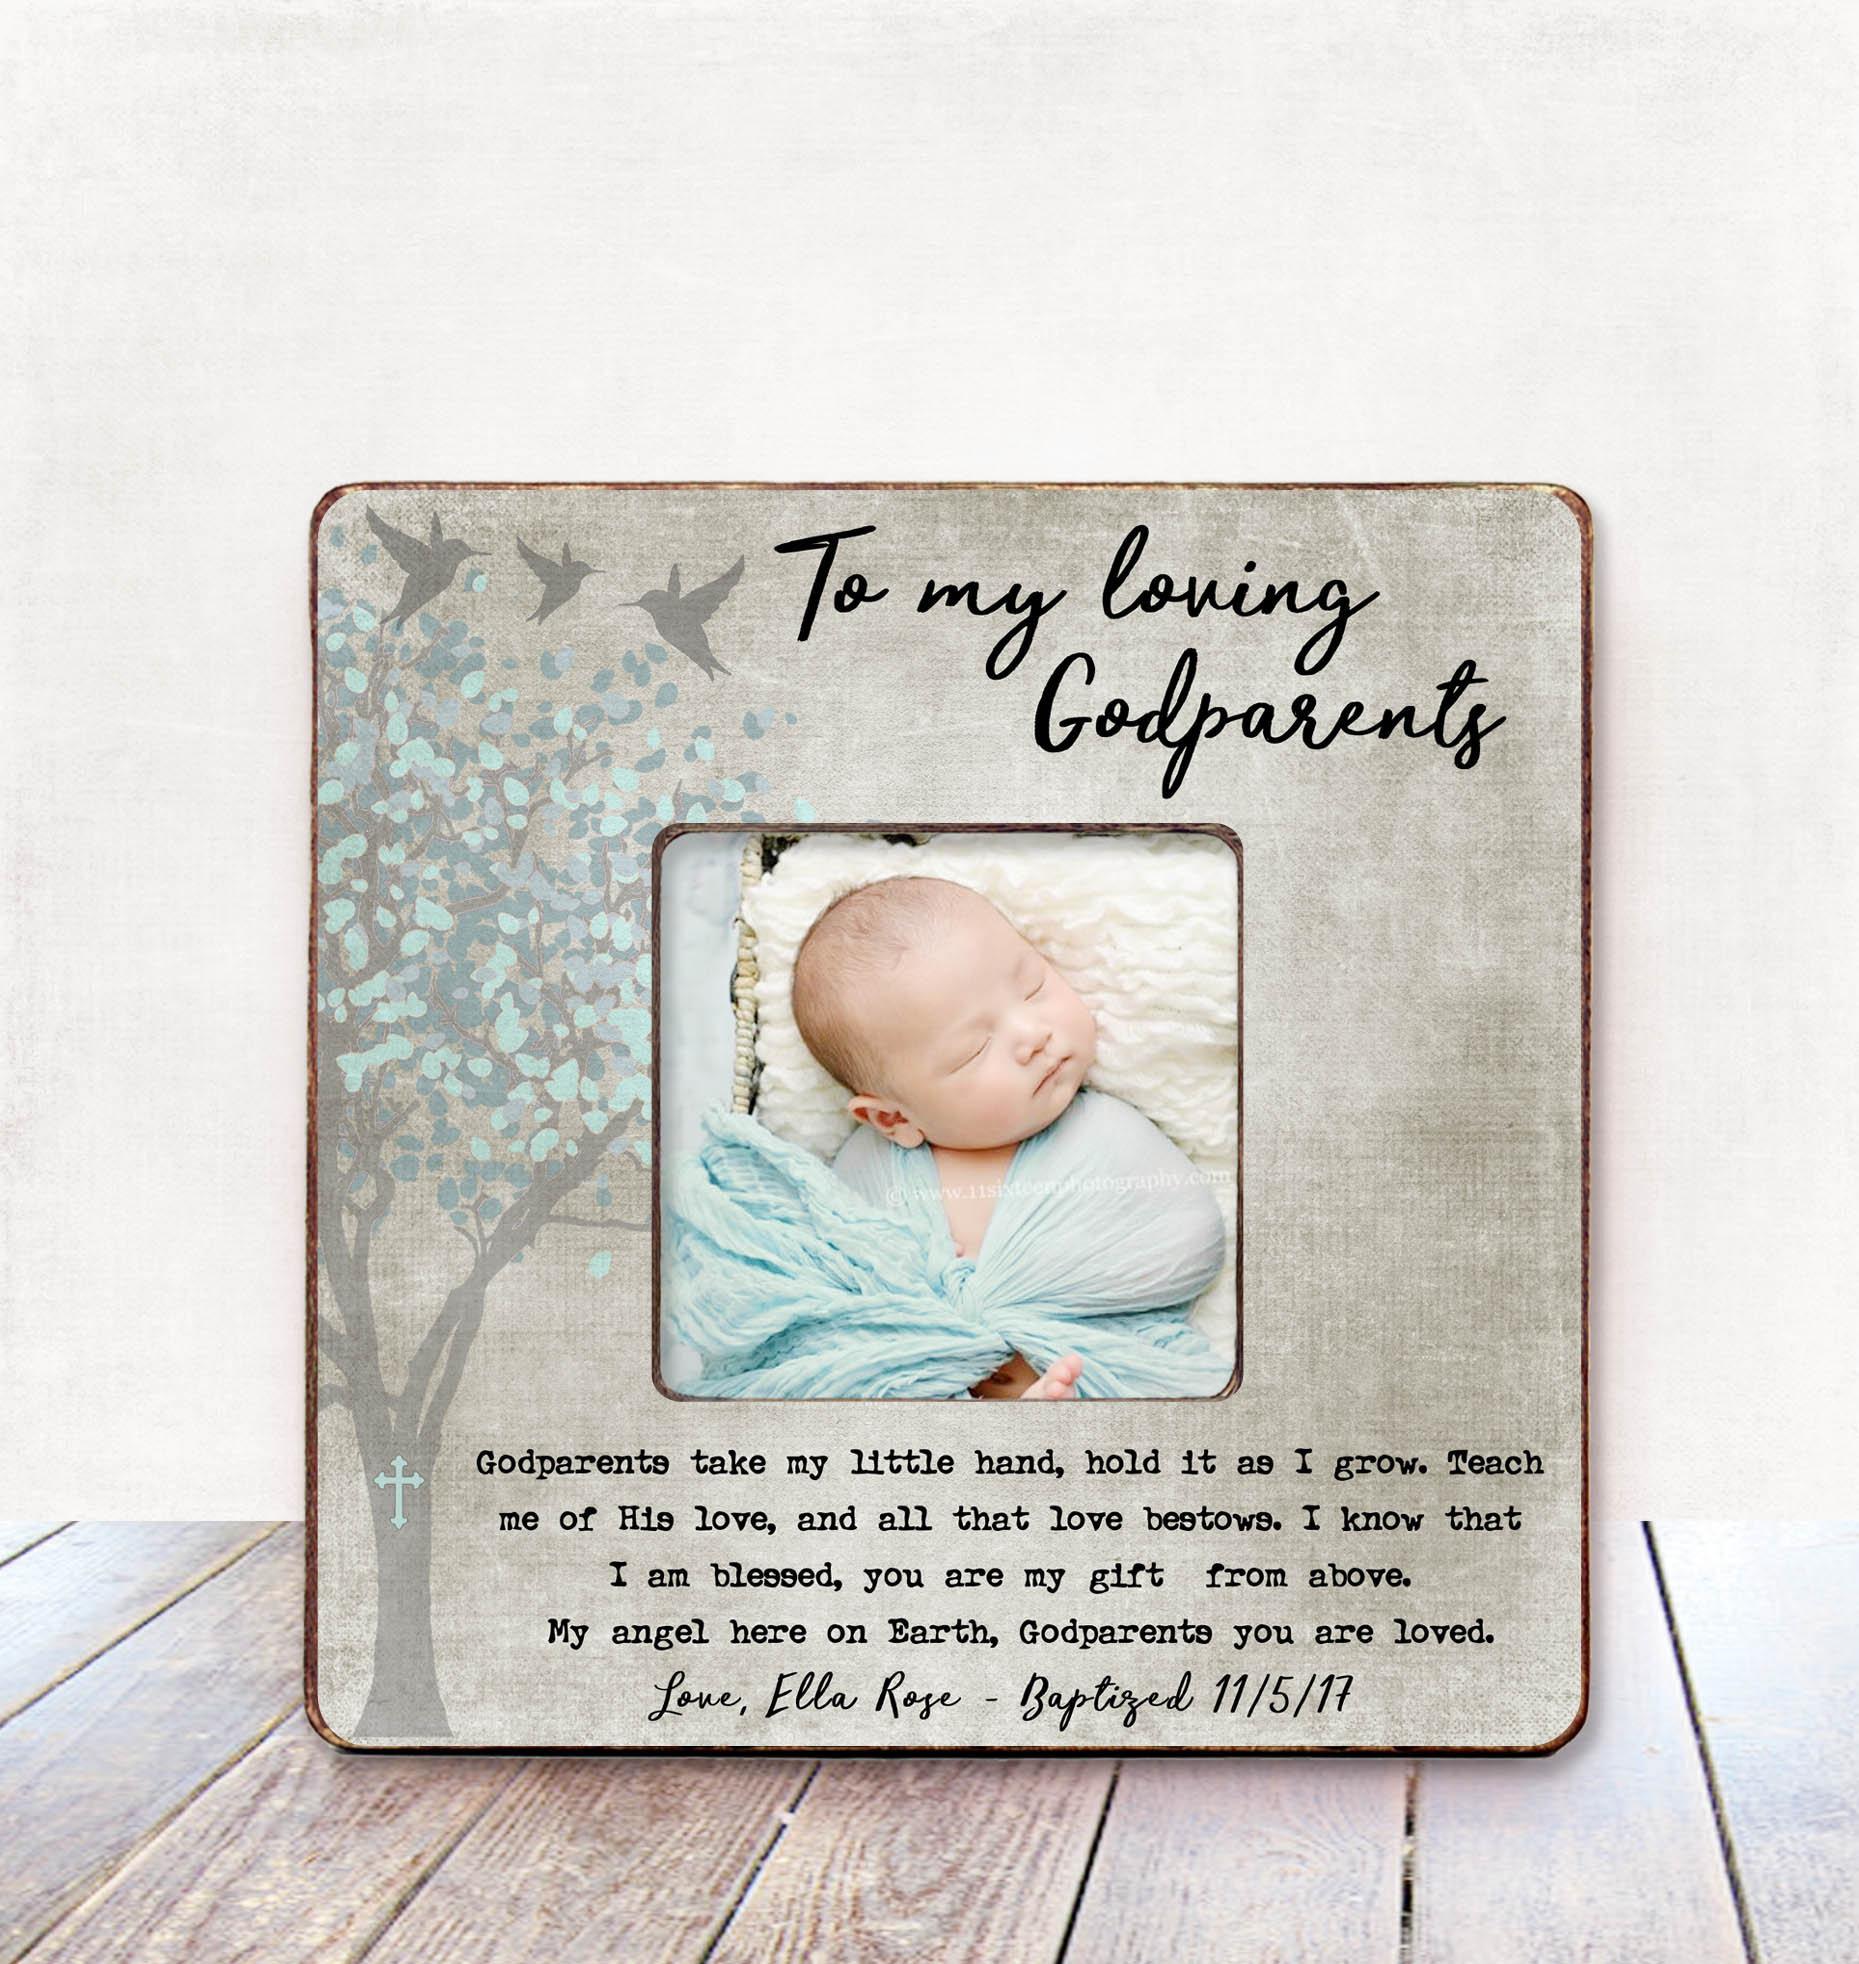 Großartig Taufe Bilderrahmen Favorisiert Fotos - Benutzerdefinierte ...